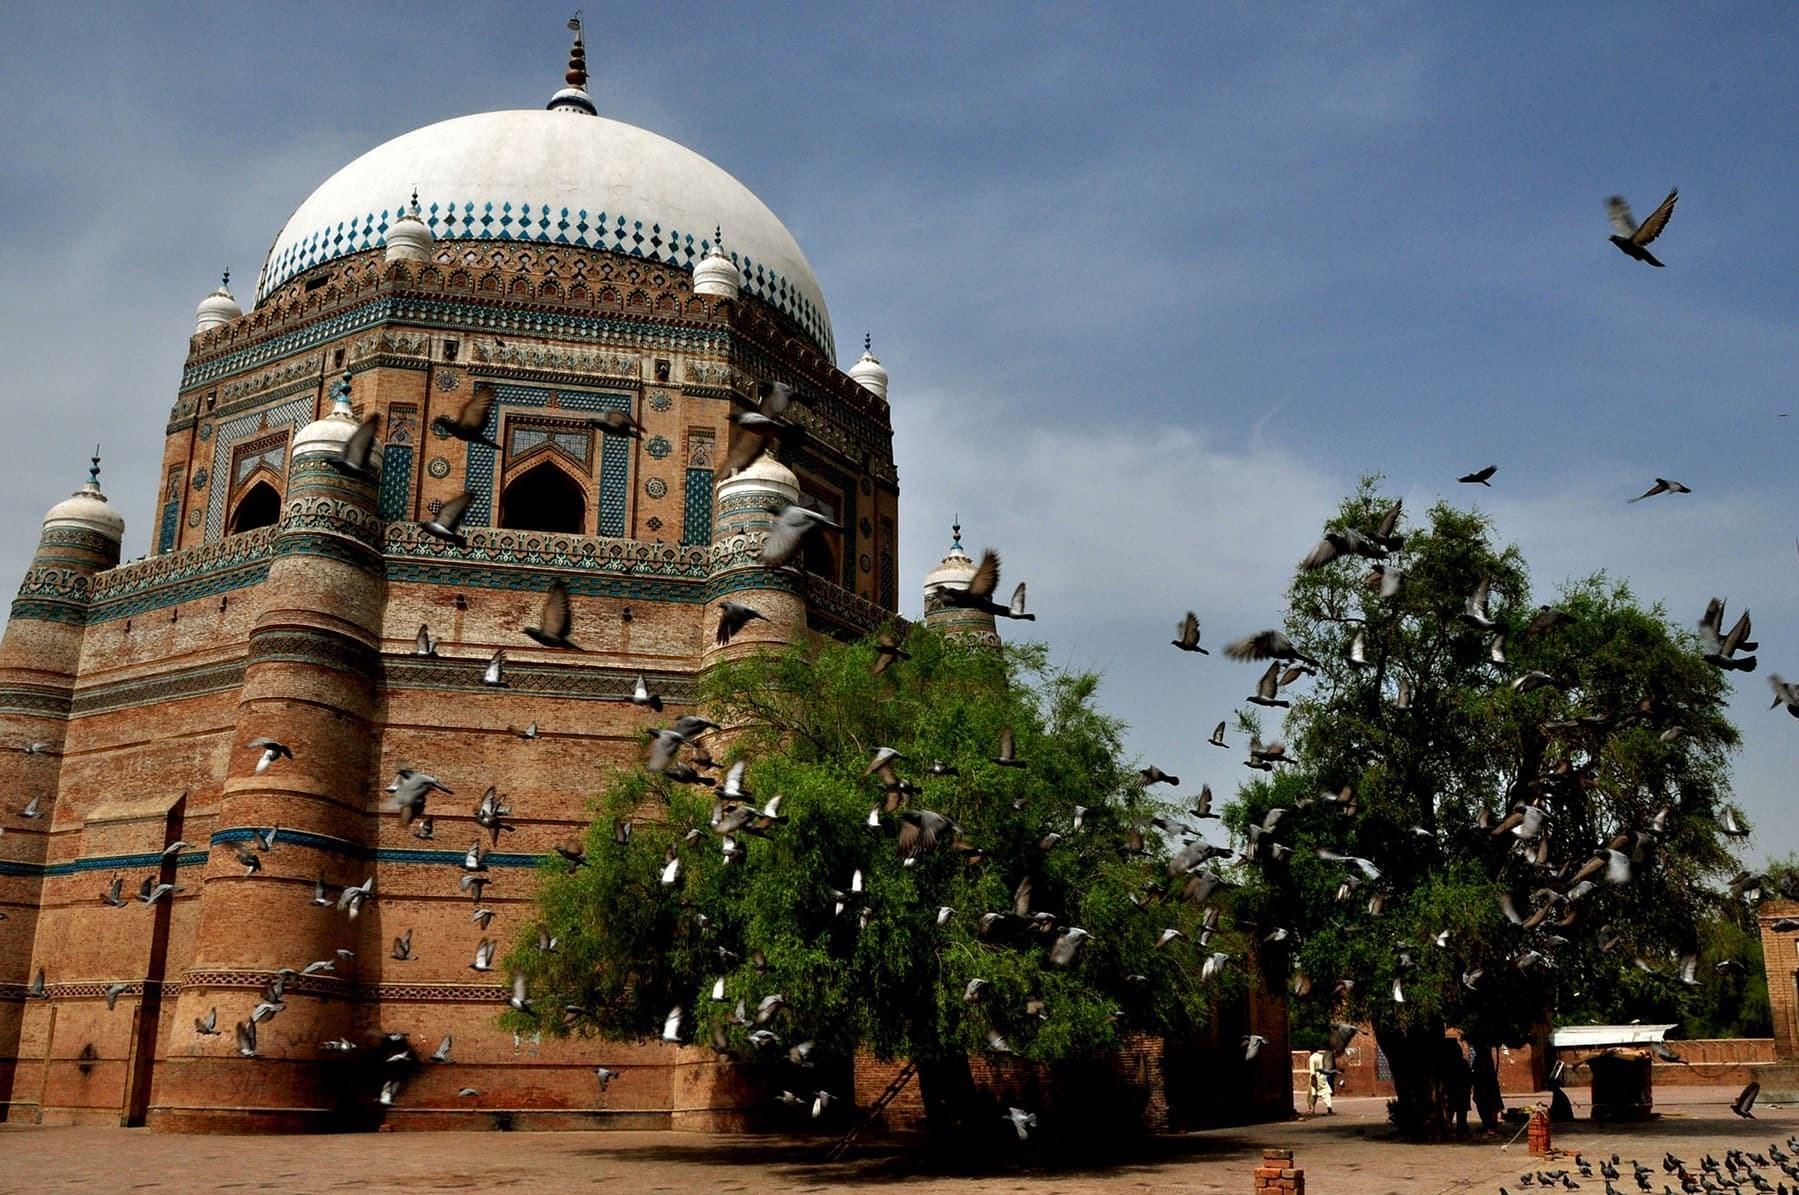 1394072815500859063360410 تصاویر زیبا از مکانهای دیدنی پاکستان